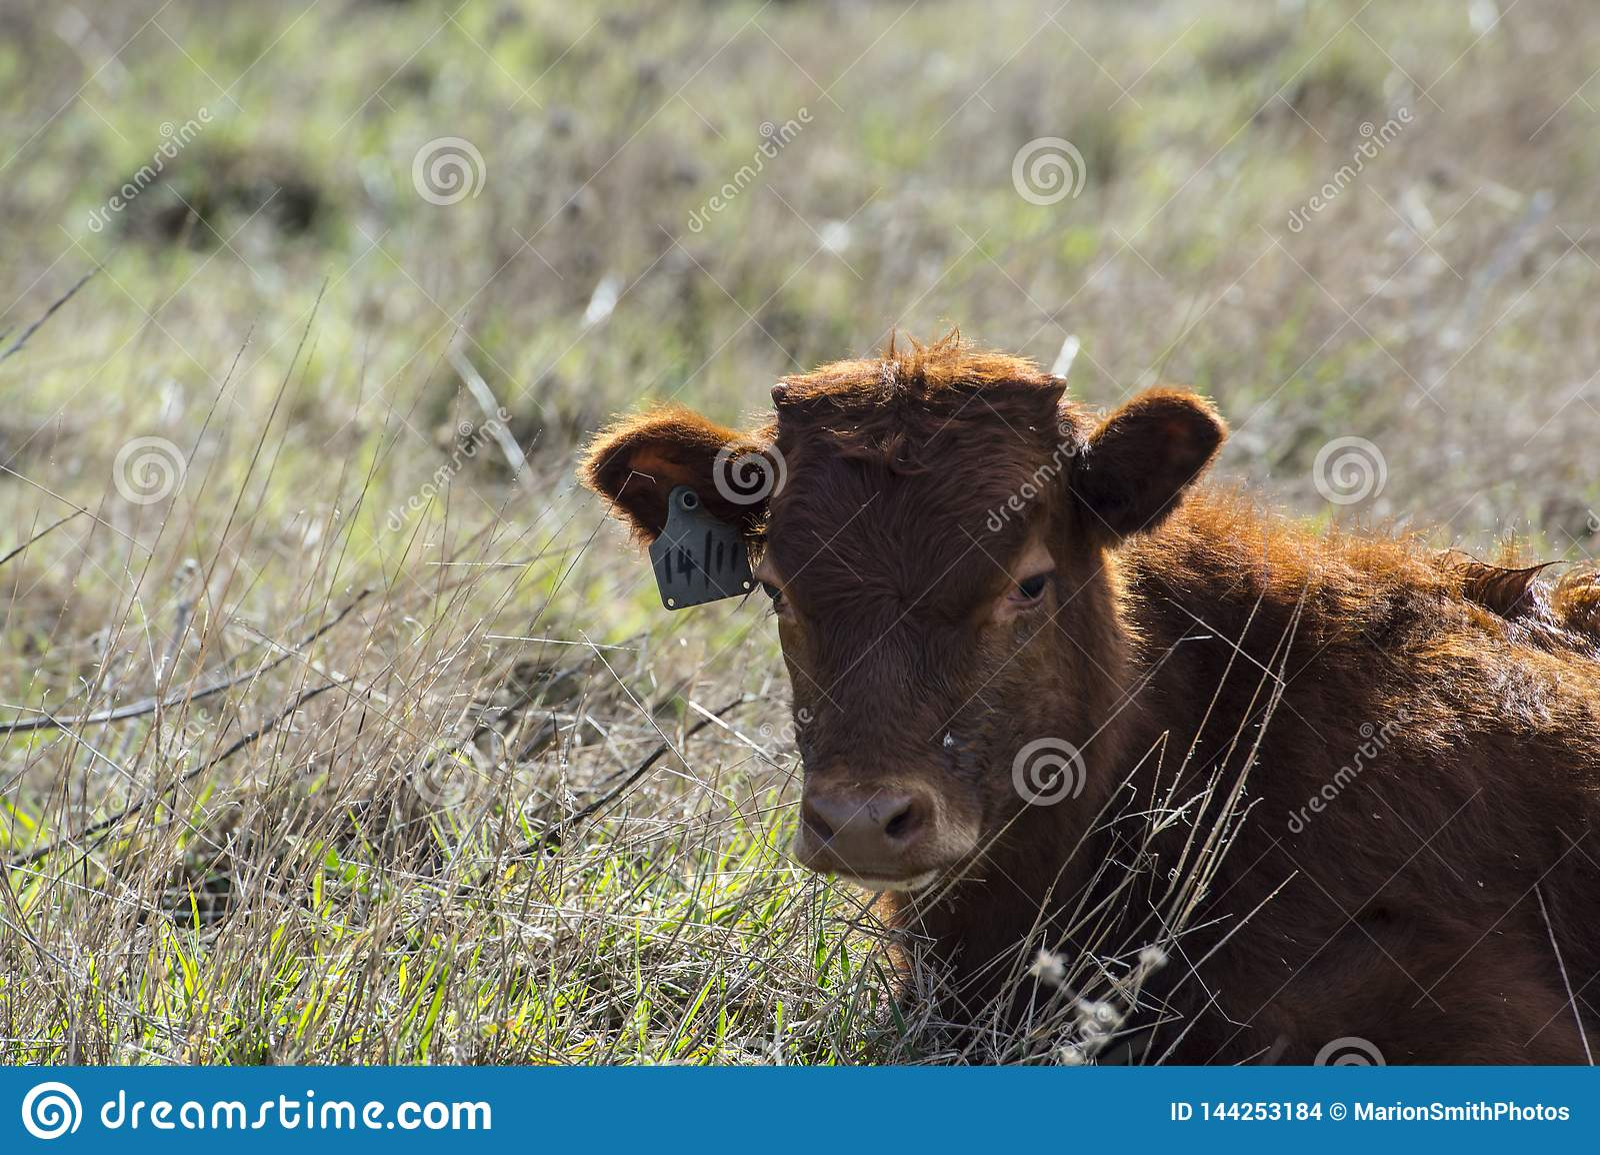 Ciérrese para arriba de Dexter Cow rojo, considerado una raza rara, sentándose en pasto